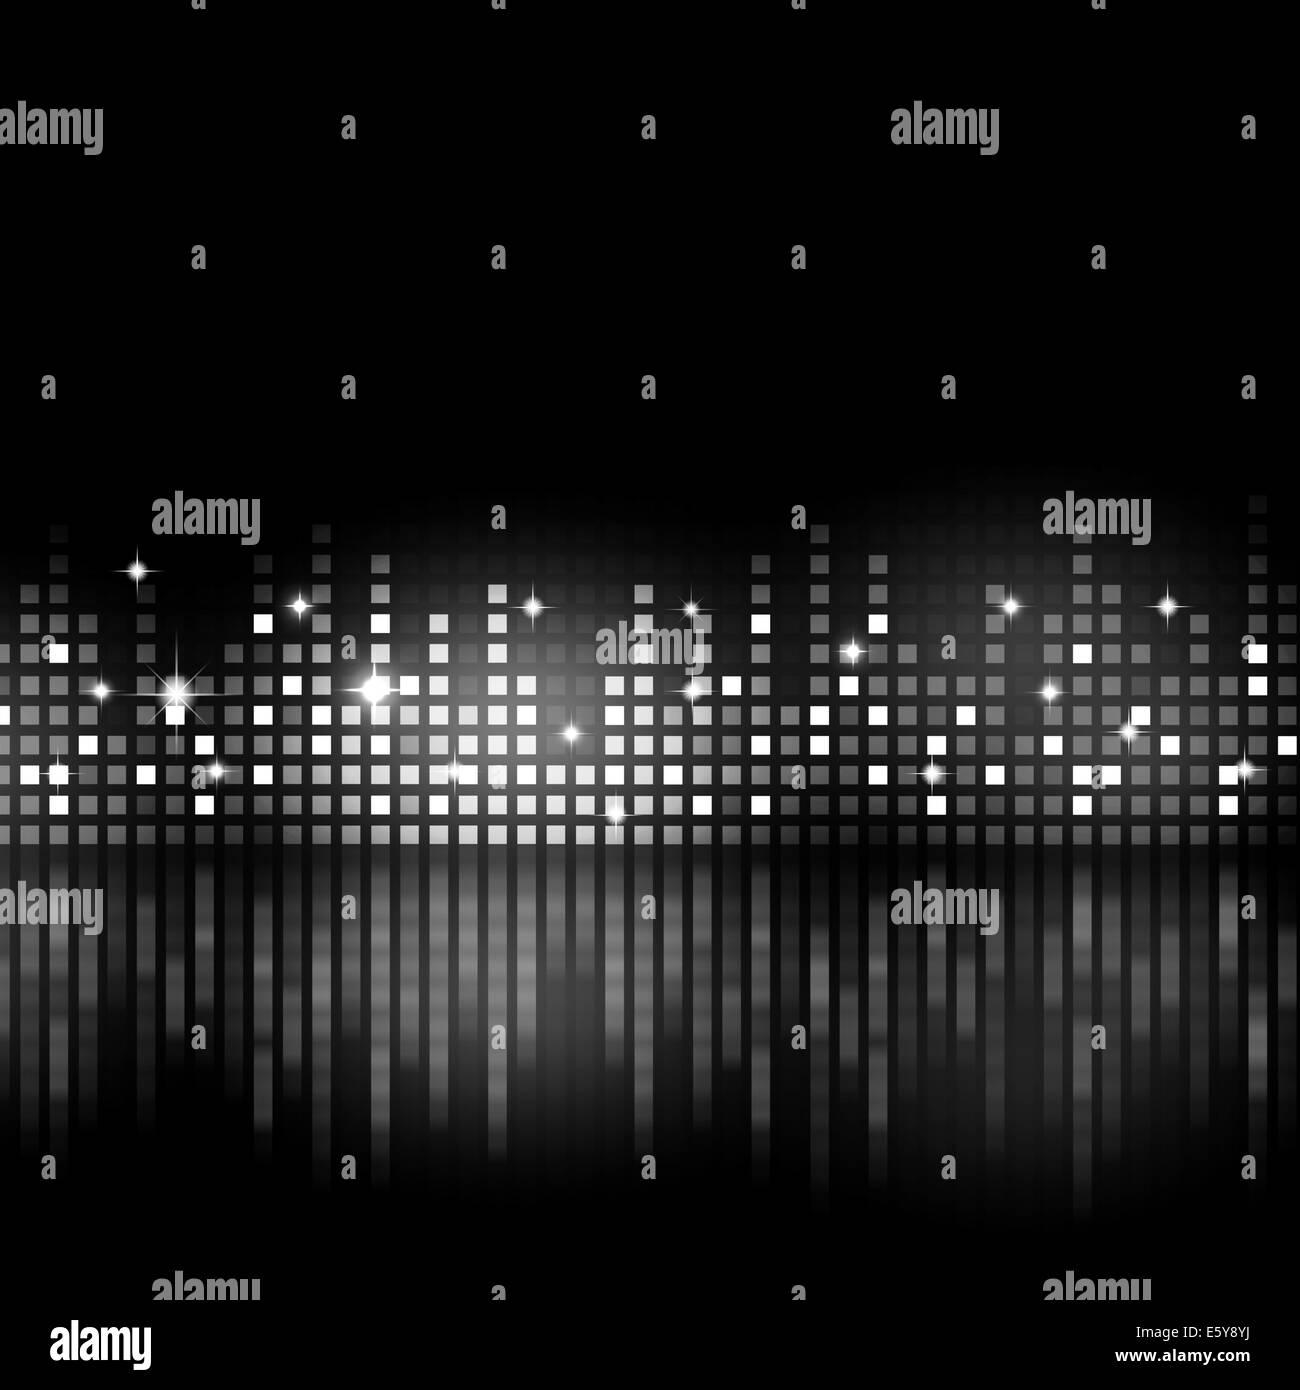 Bianco E Nero Musica Equalizzatore Sfondo Per Parti Attive Foto